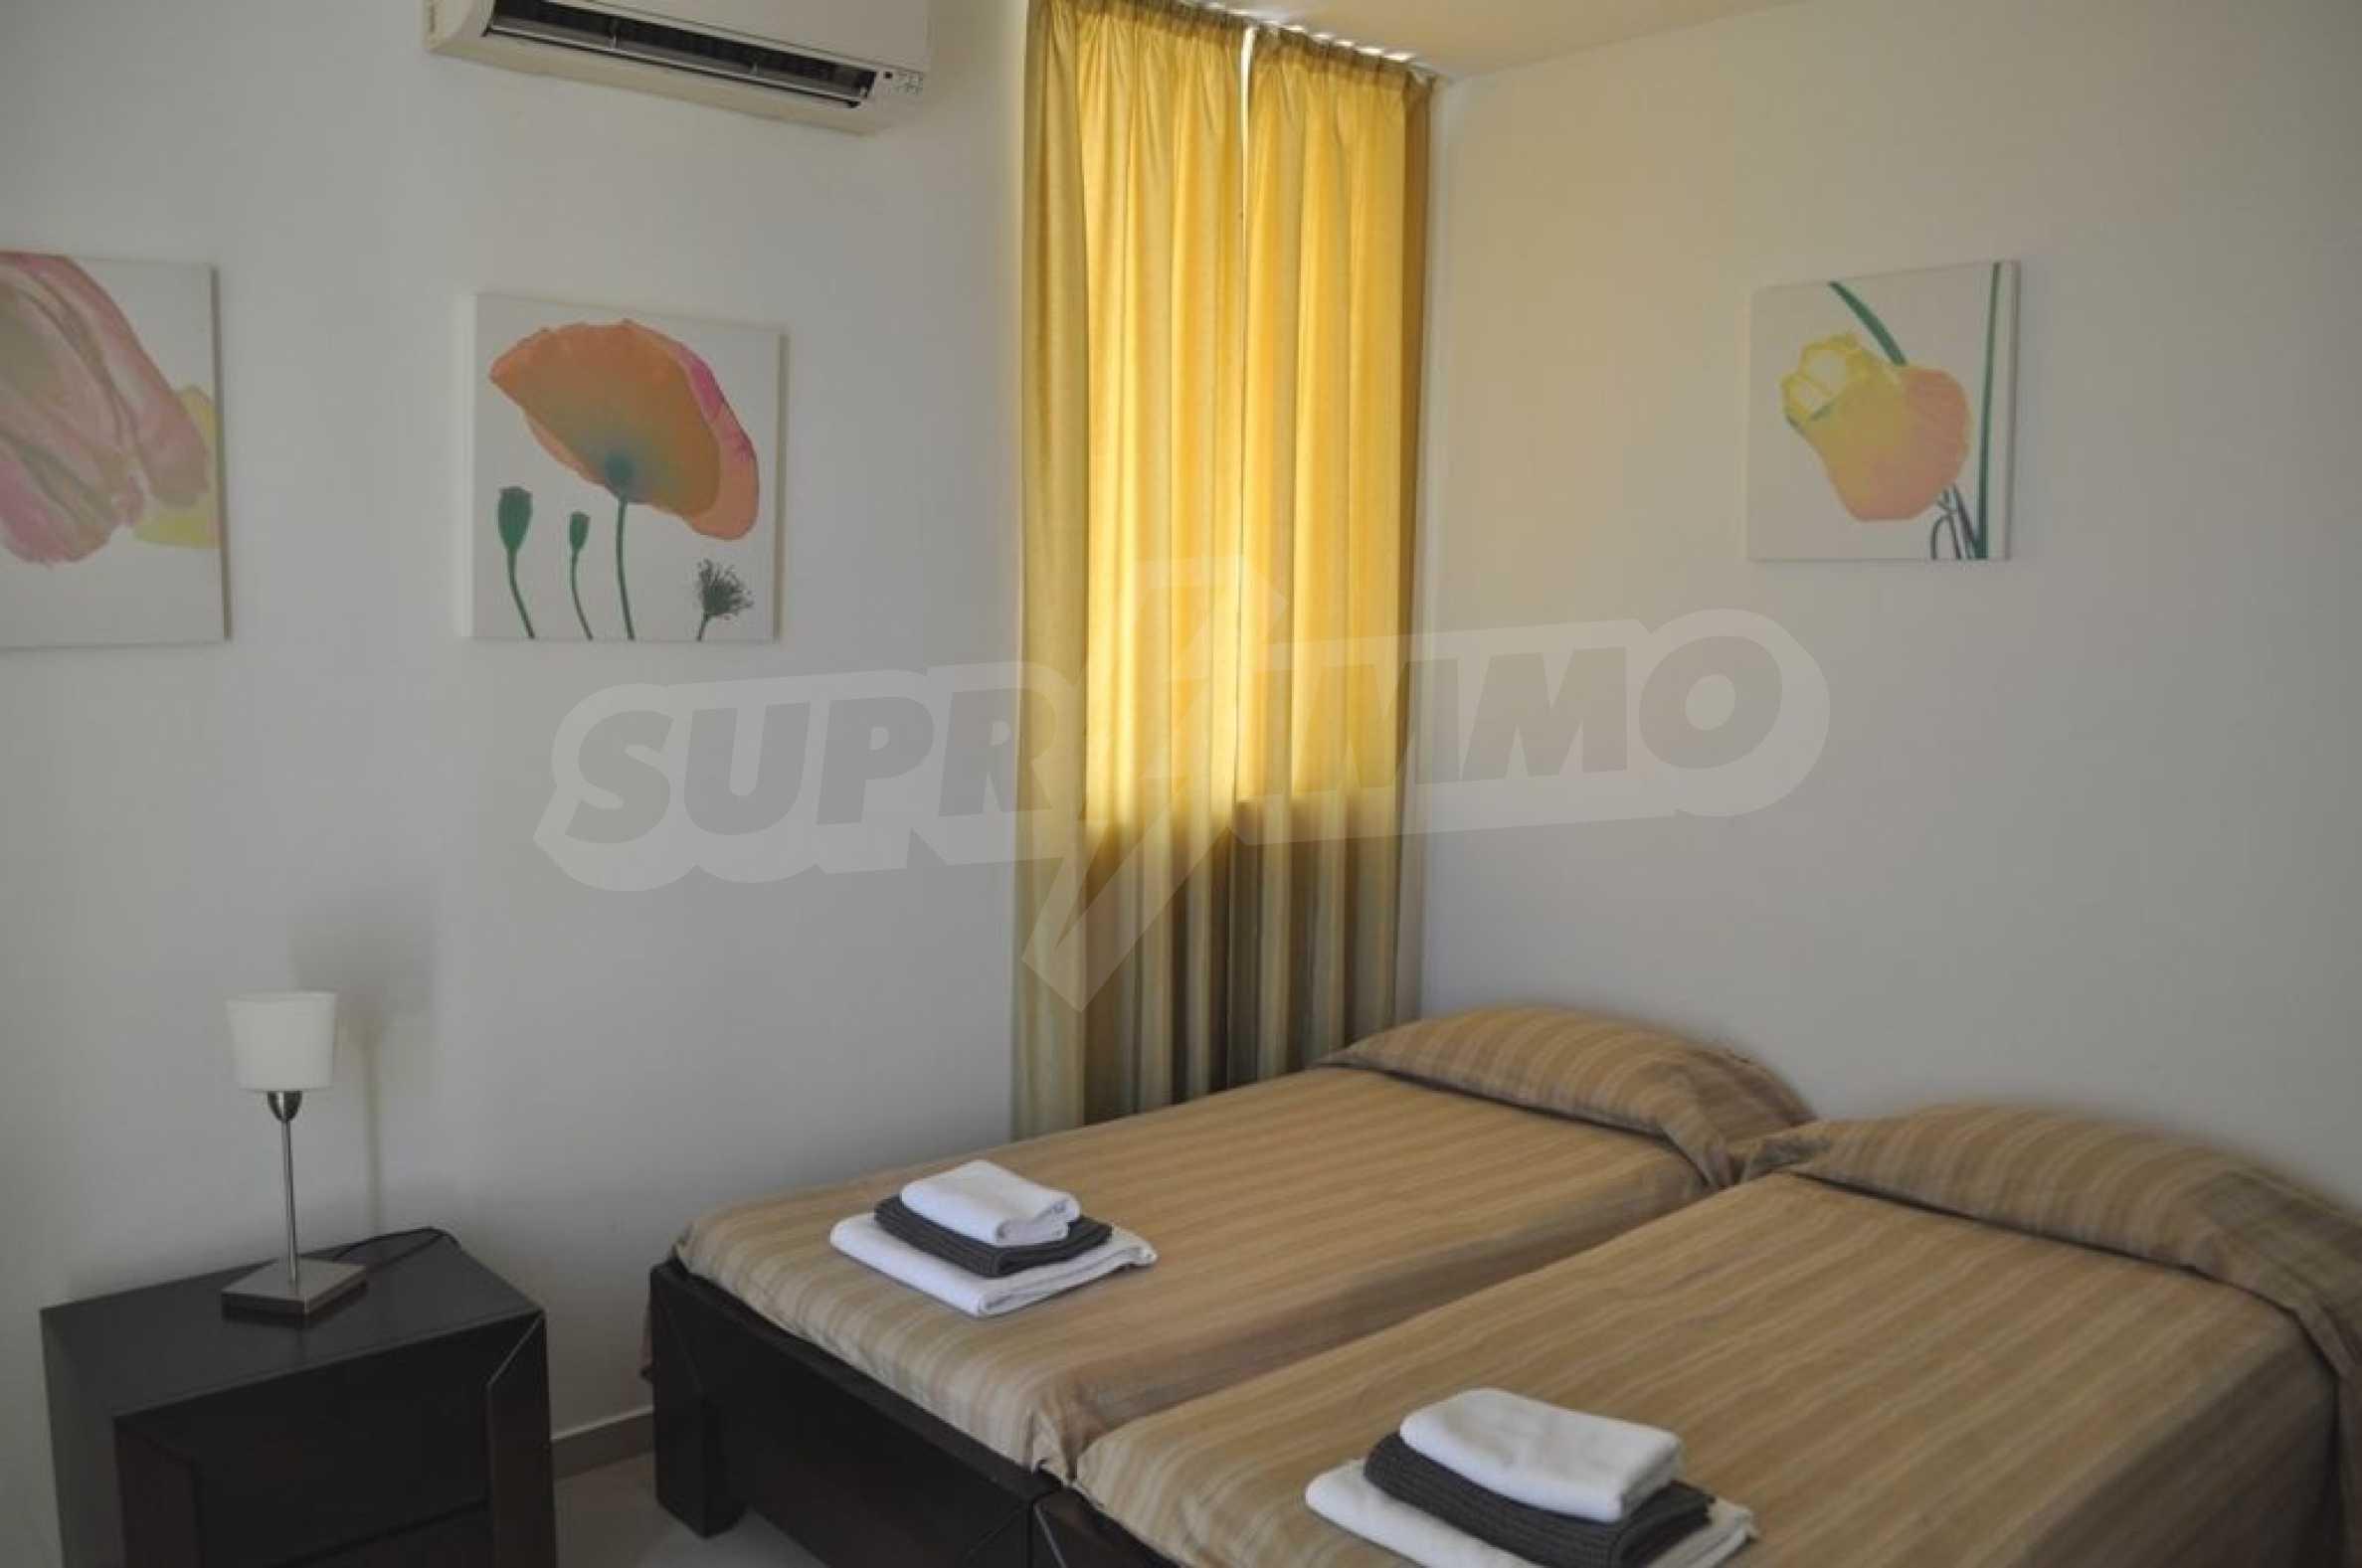 Luxusvilla mit 4 Schlafzimmern zu vermieten in der Nähe des Resorts. Albena 15